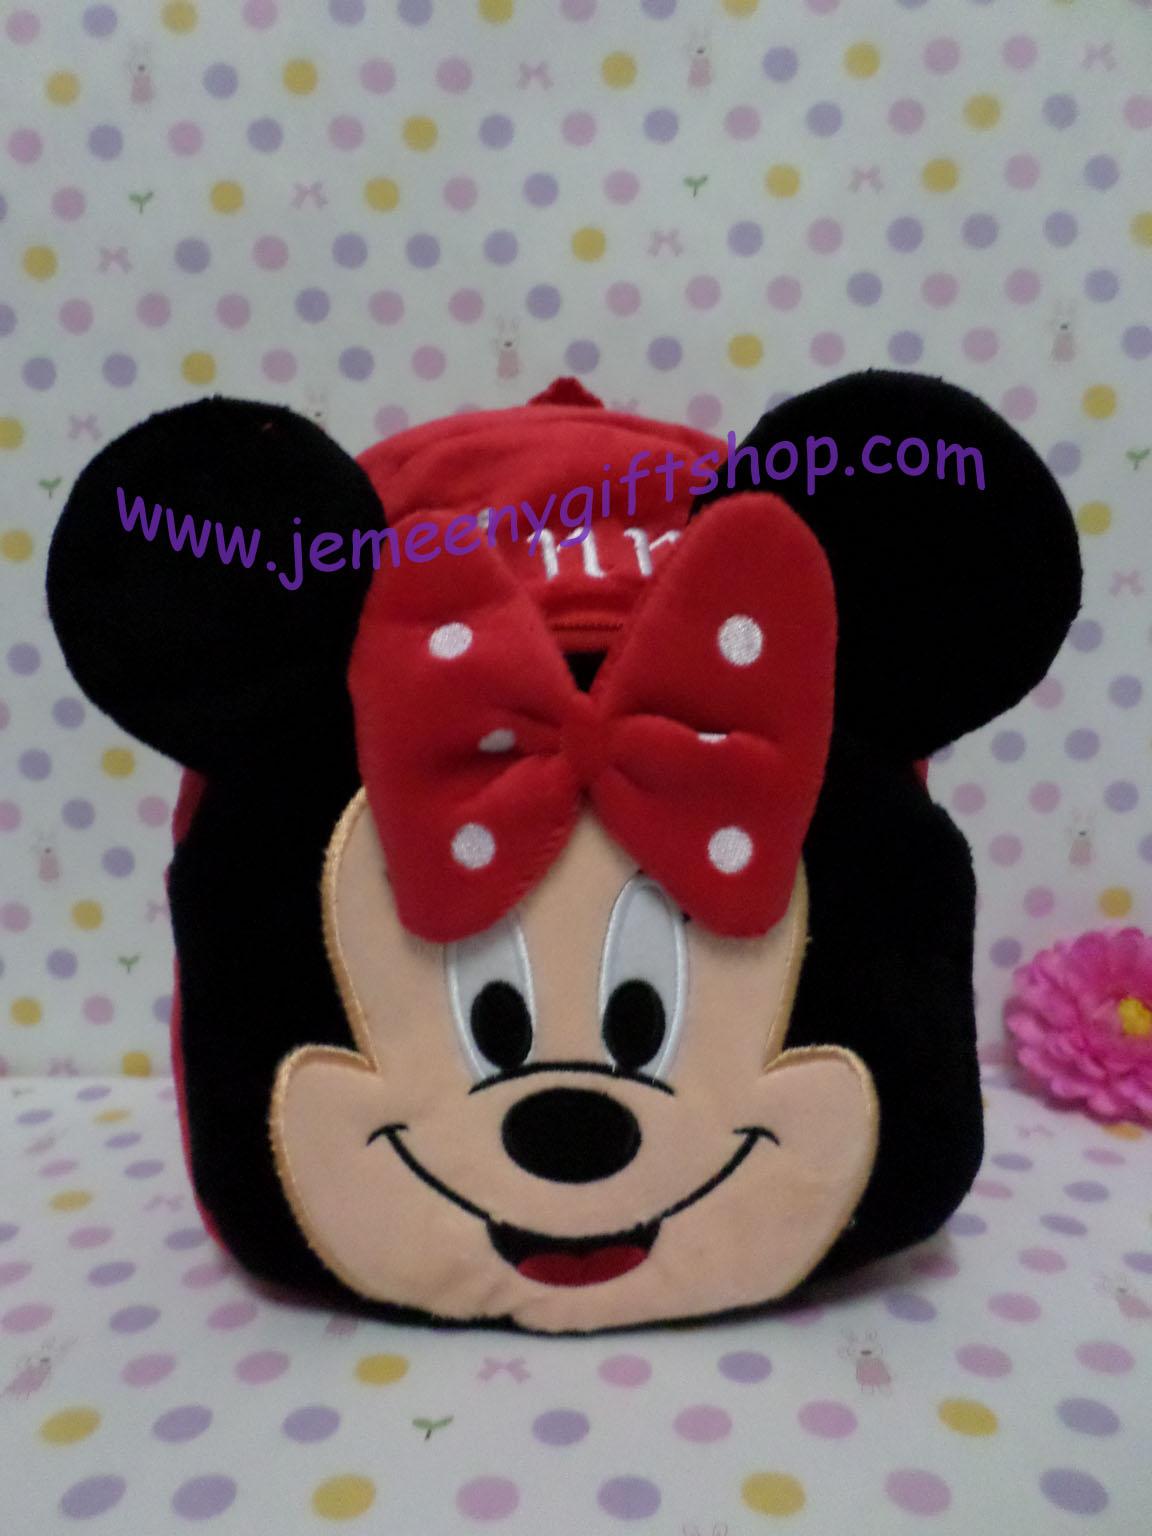 กระเป๋าเป้สะพายหลังใบเล็กจิ๋ว มินนี่เม้าส์ Minnie mouse ขนาดกว้าง 5 ซม * ยาว 22 ซม * สูง 23 ซม สำหรับเด็กเล็ก 2-4 ขวบ